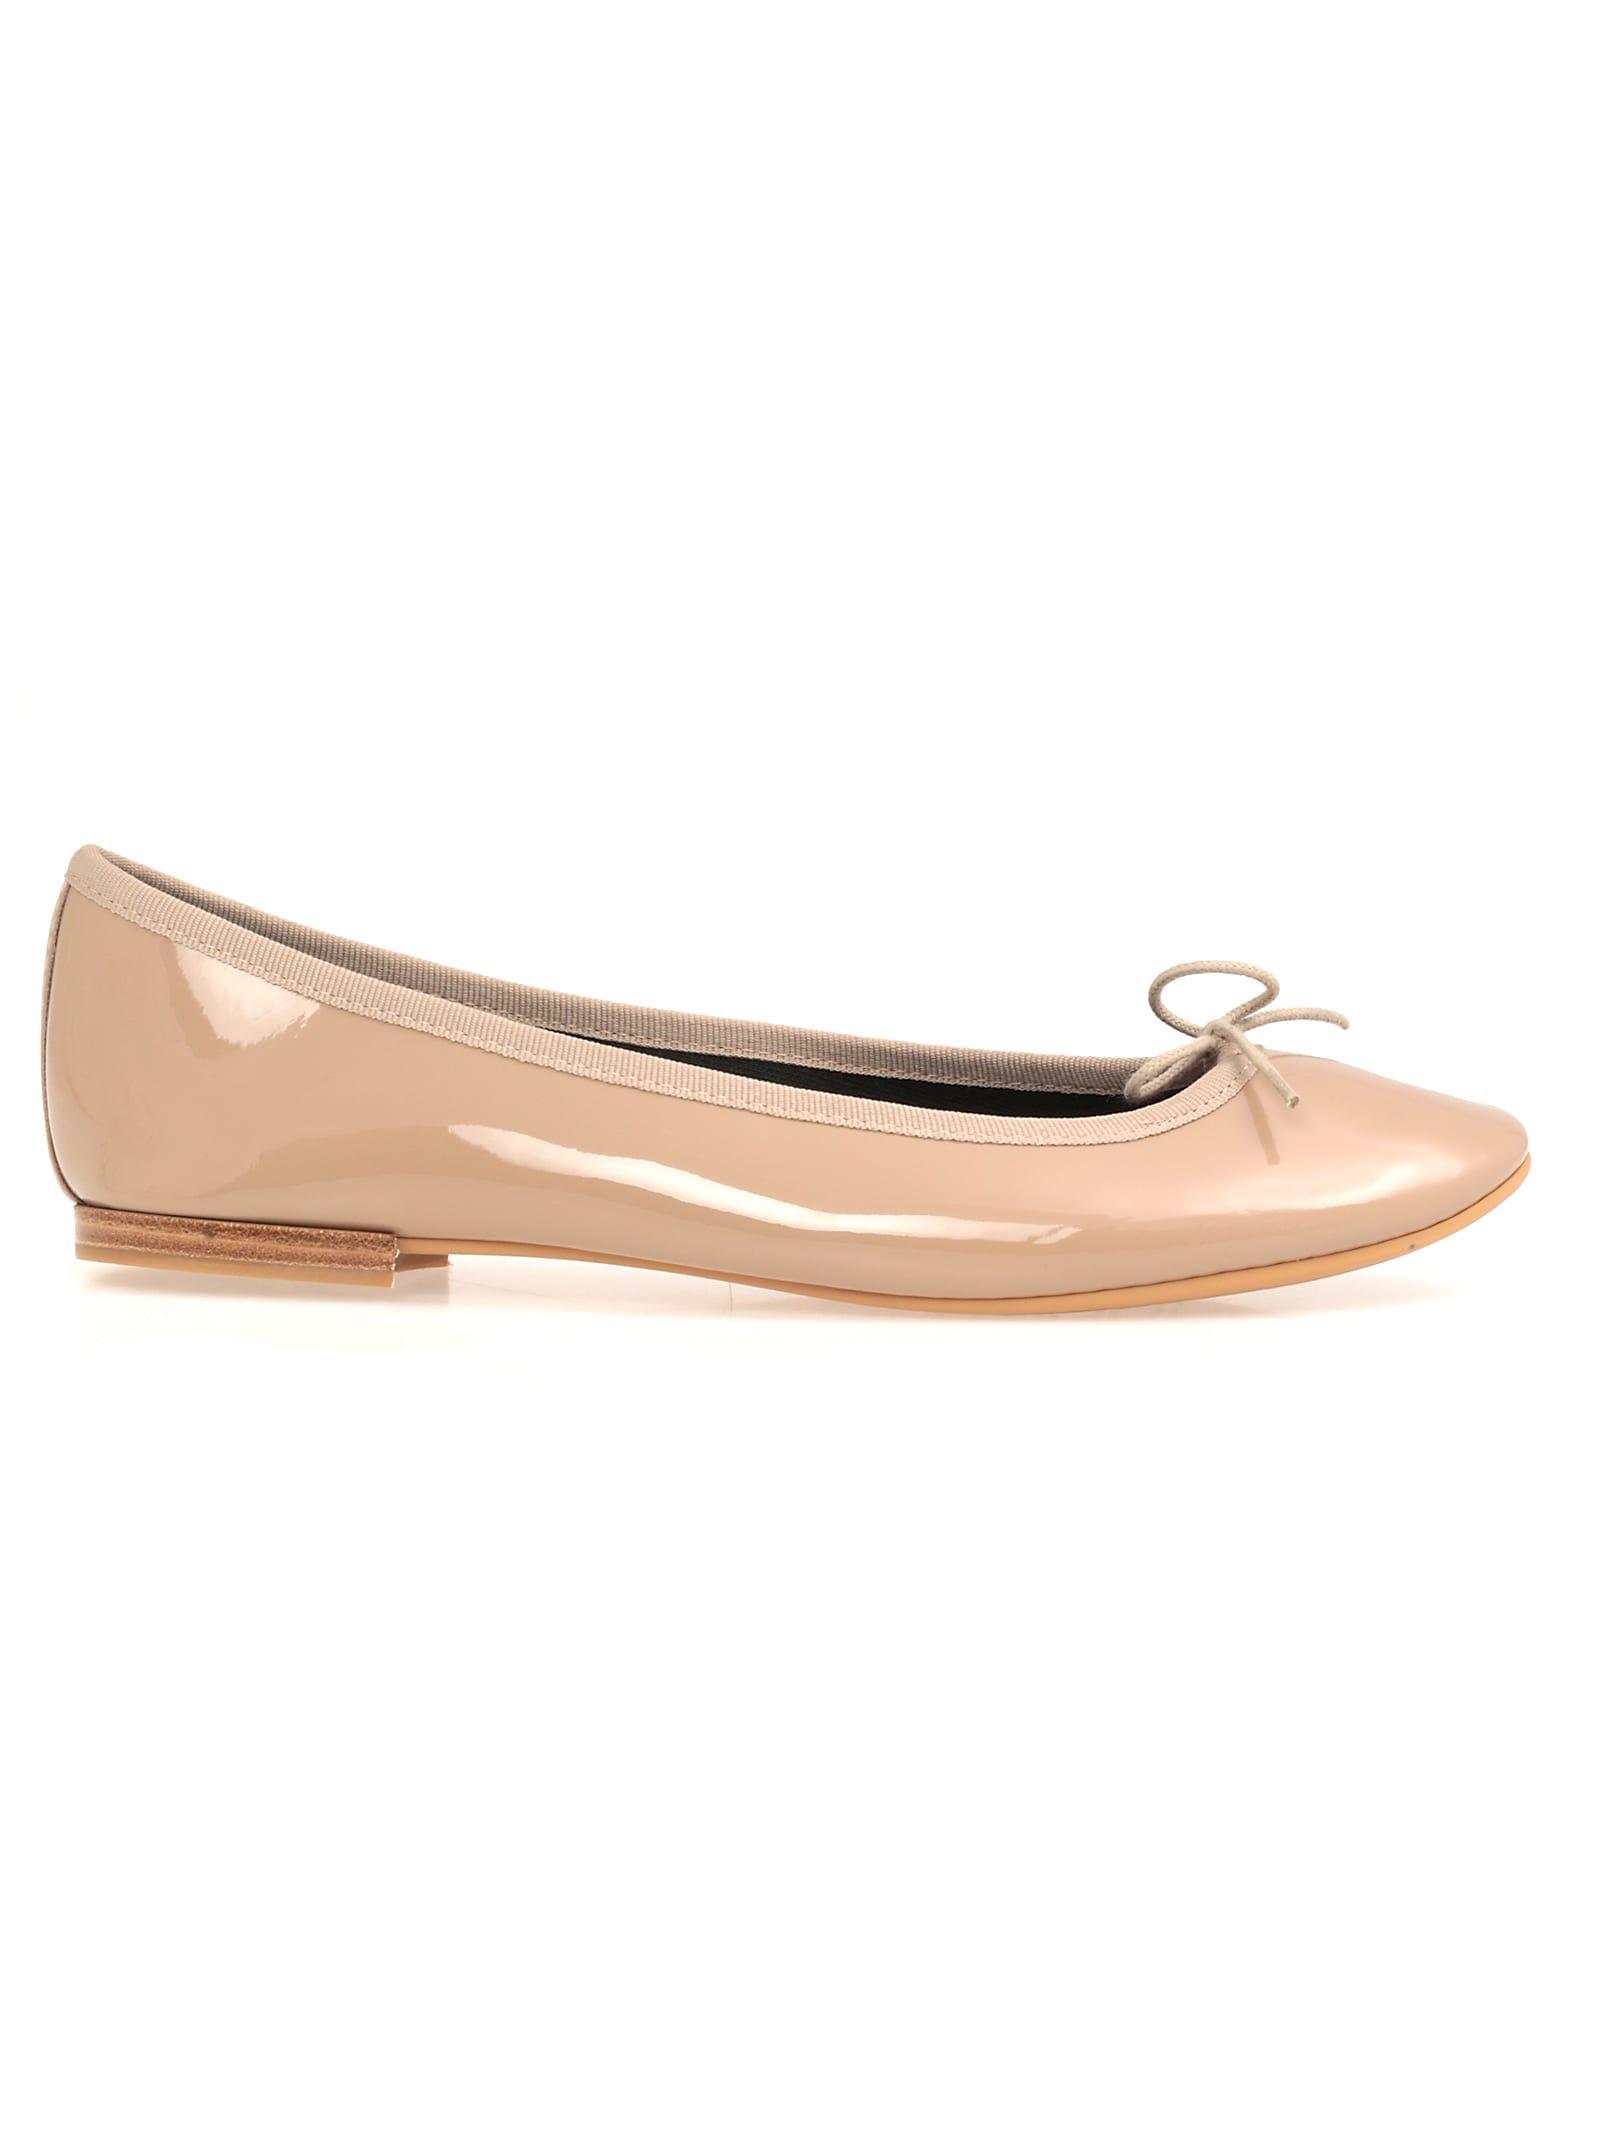 Repetto Lili Ballet Flat